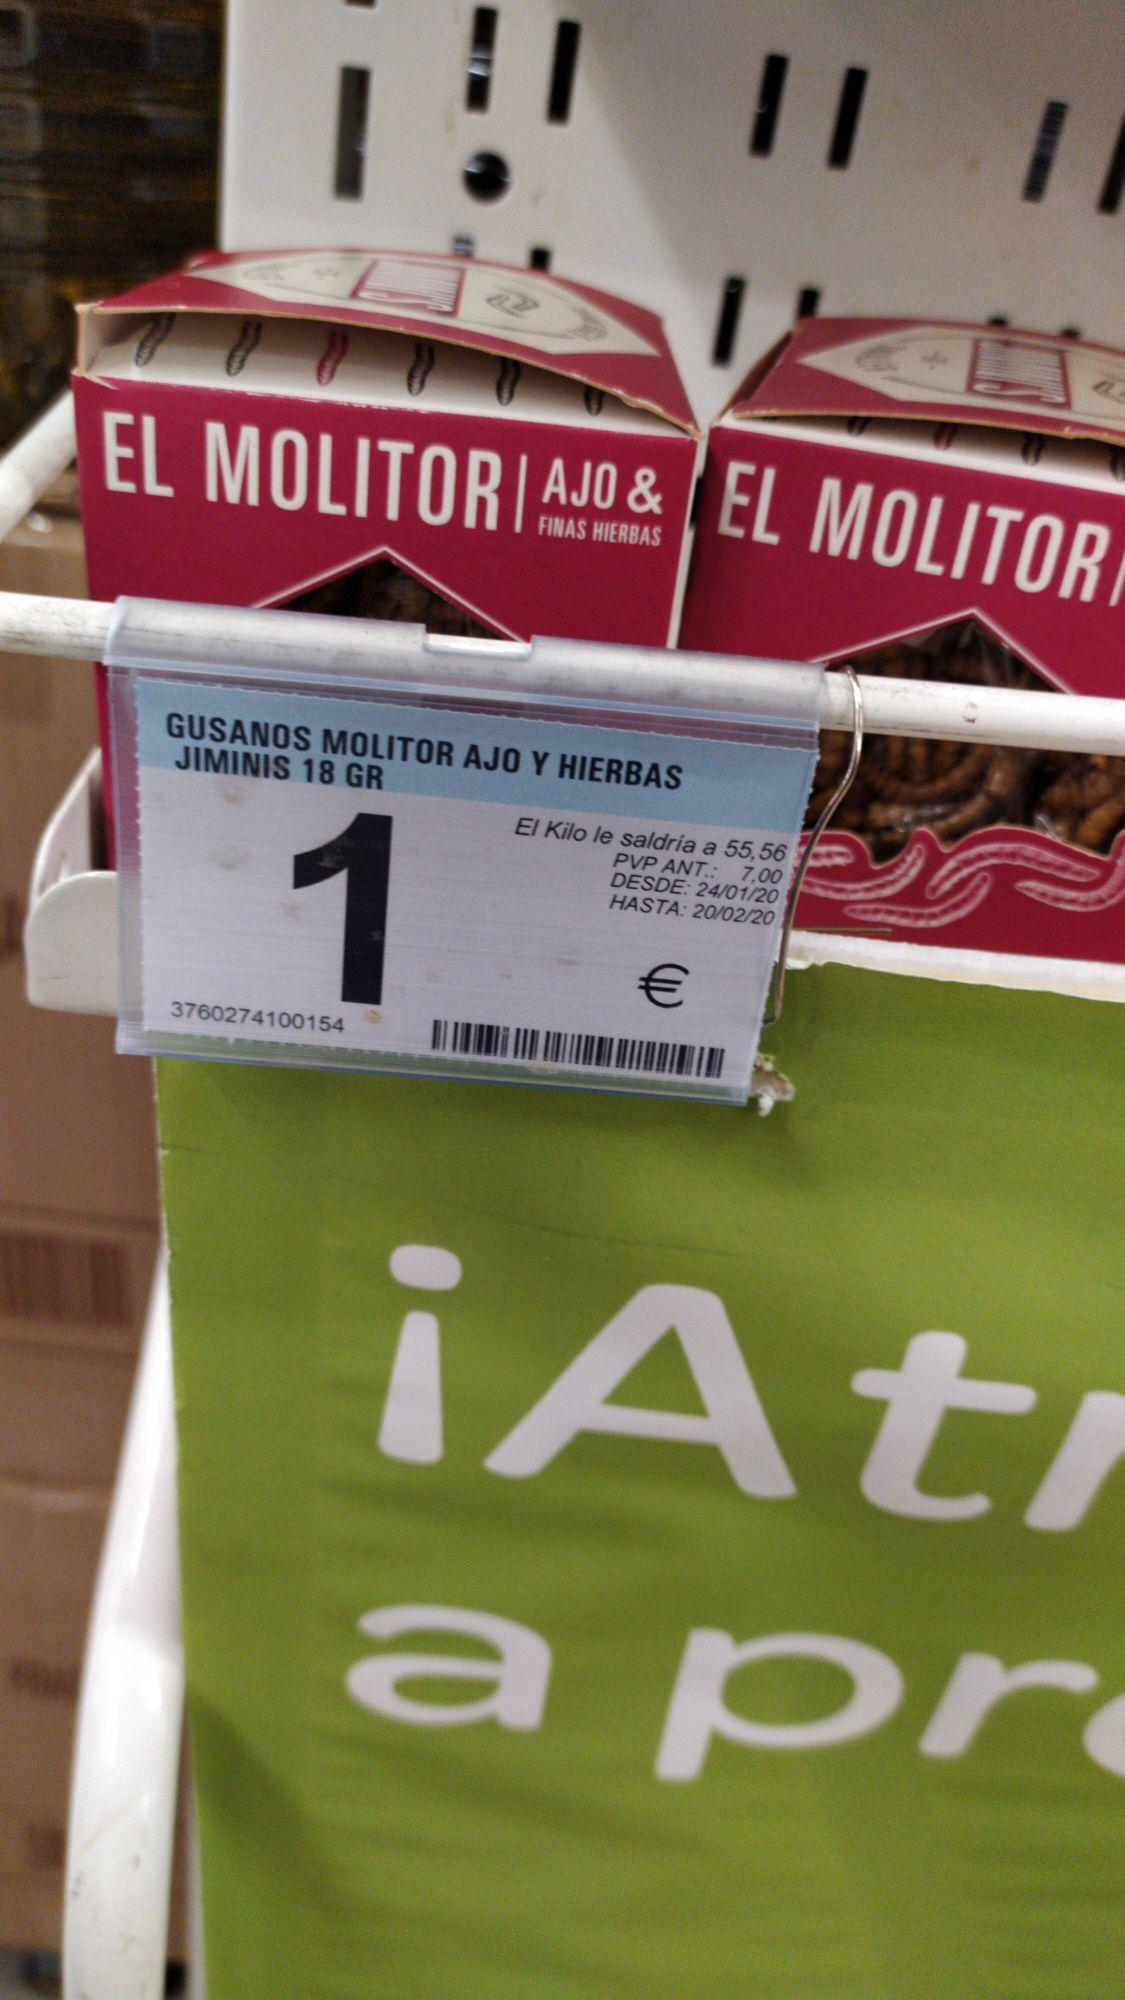 Insectos a 1€ Carrefour ANDUJAR - JAEN (fecha de caducidad próxima)